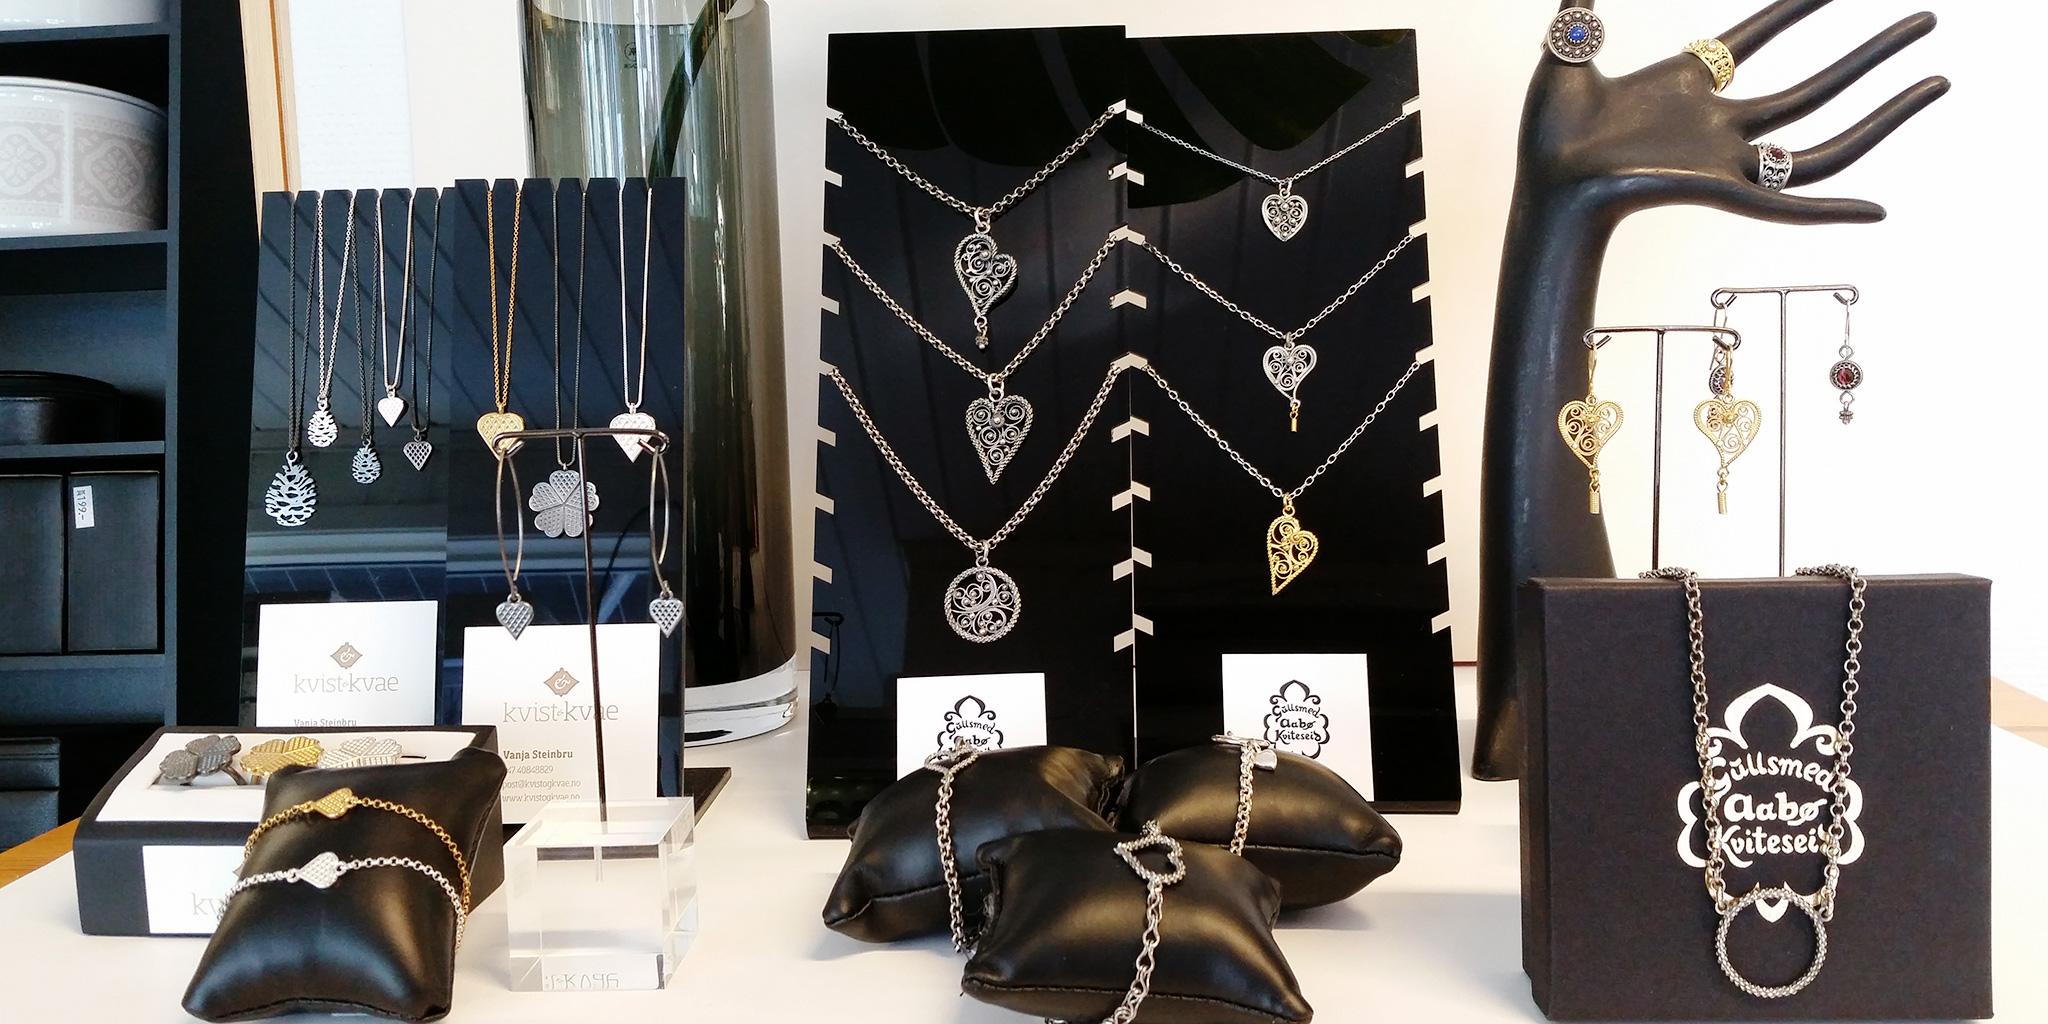 Ulike smykker til sal hjå Gullsmed Aabø.